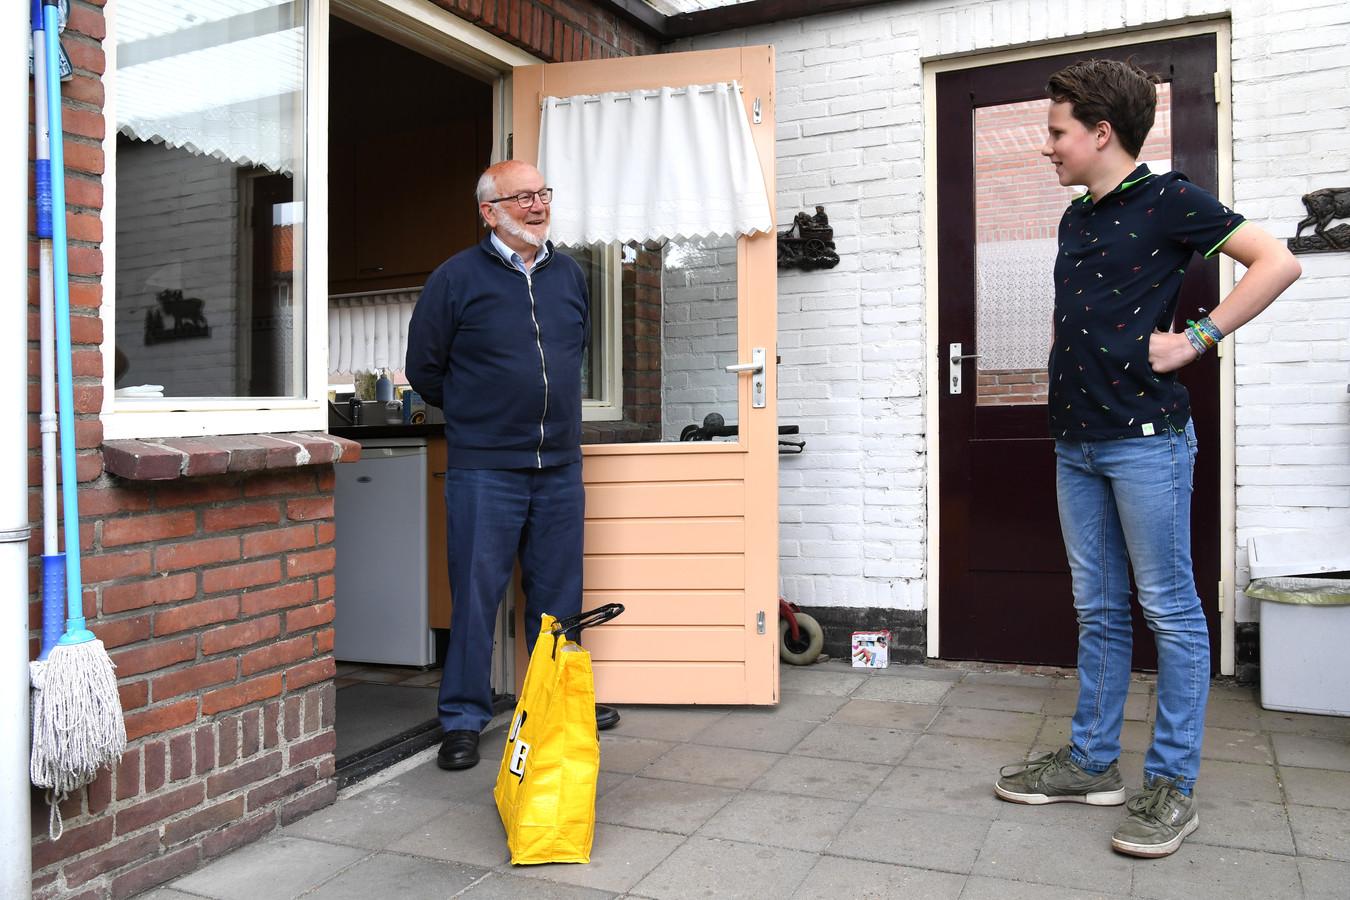 Bart Boogaers (86) heeft de oorlog nog meegemaakt. Zijn kleinzoon Jaap (11) maakt nu corona mee. Zijn die twee 'onvrijheden' te vergelijken?